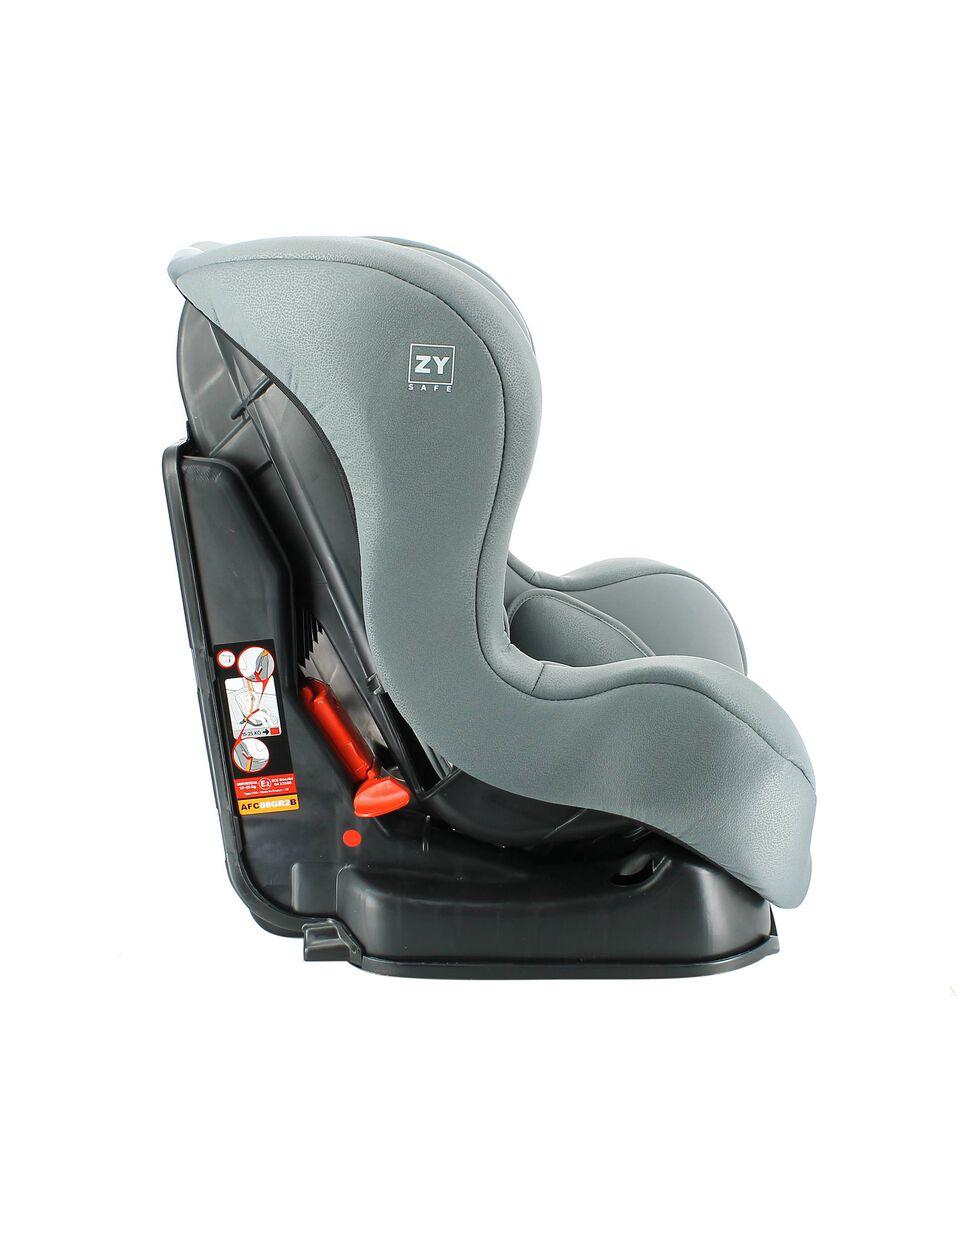 Silla para Coche Gr 0/1/2 Primecare Prestige Zy Safe Grey